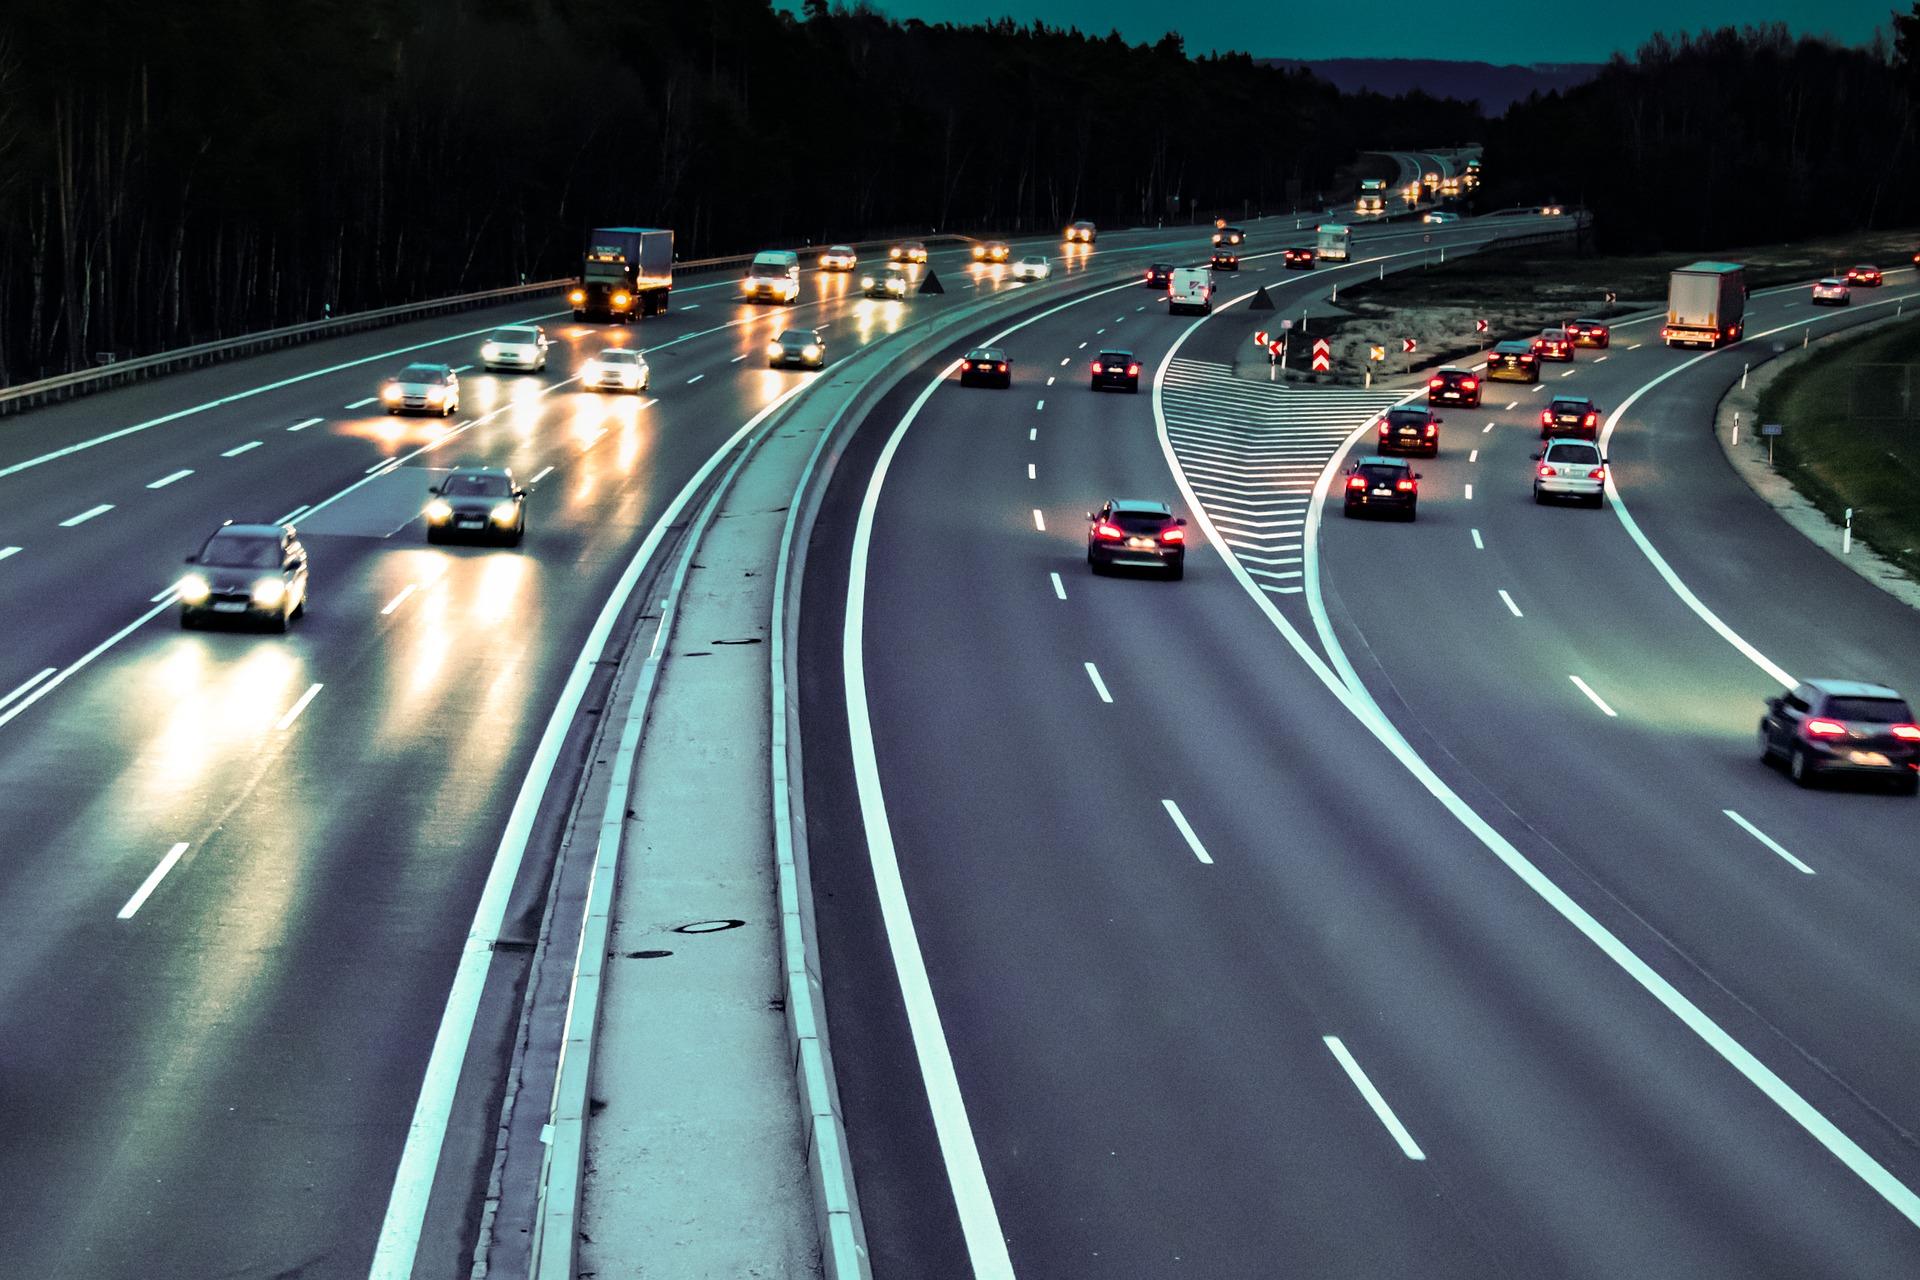 ecodriving i alerty potrzebne w monitornigu gps samochodów